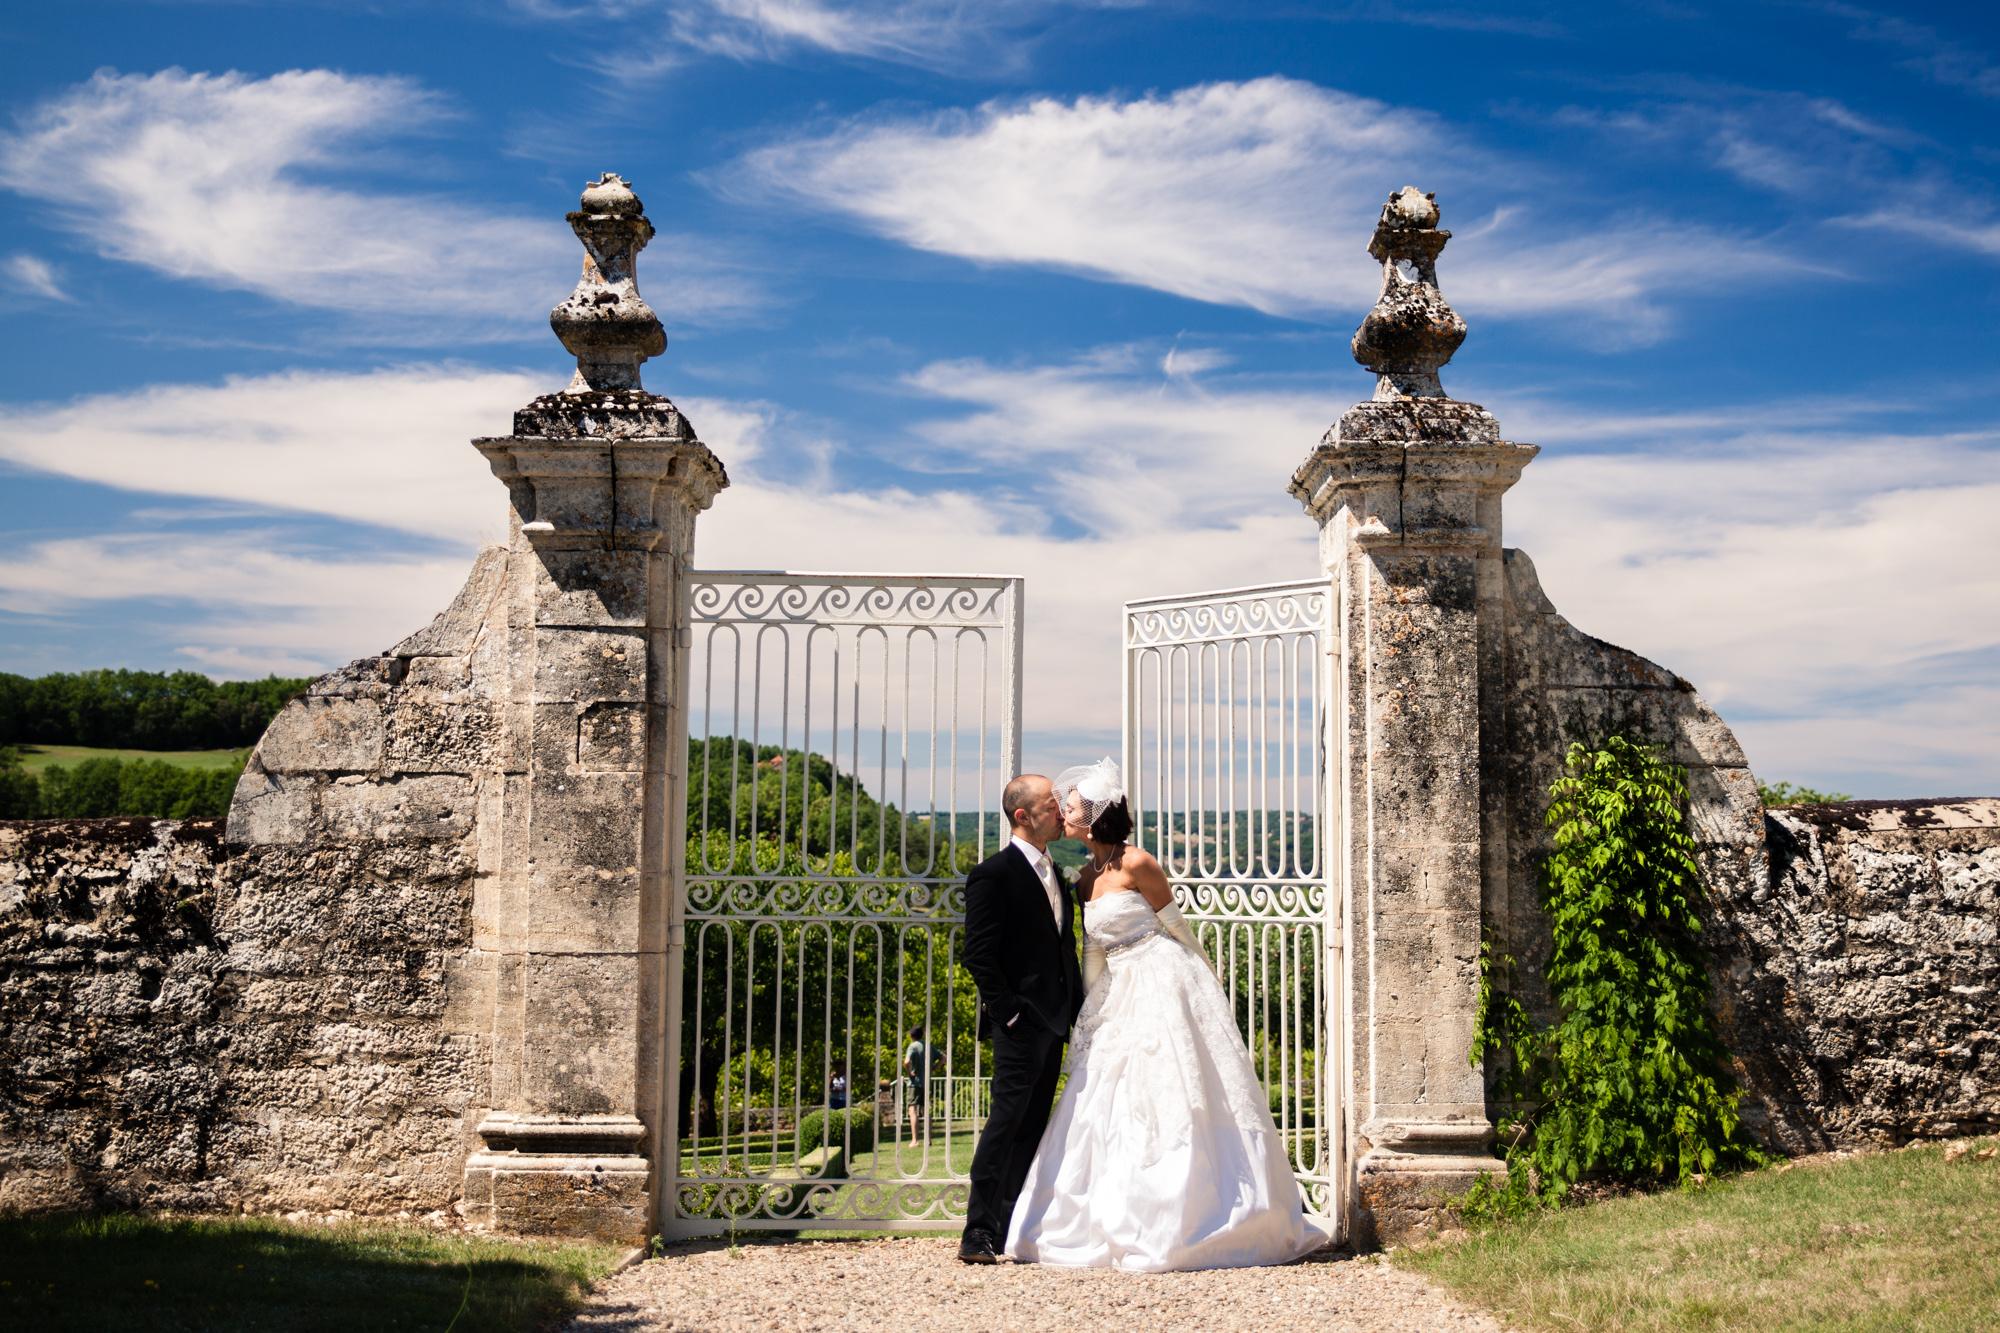 French Wedding Style - Dordogne Valley, France